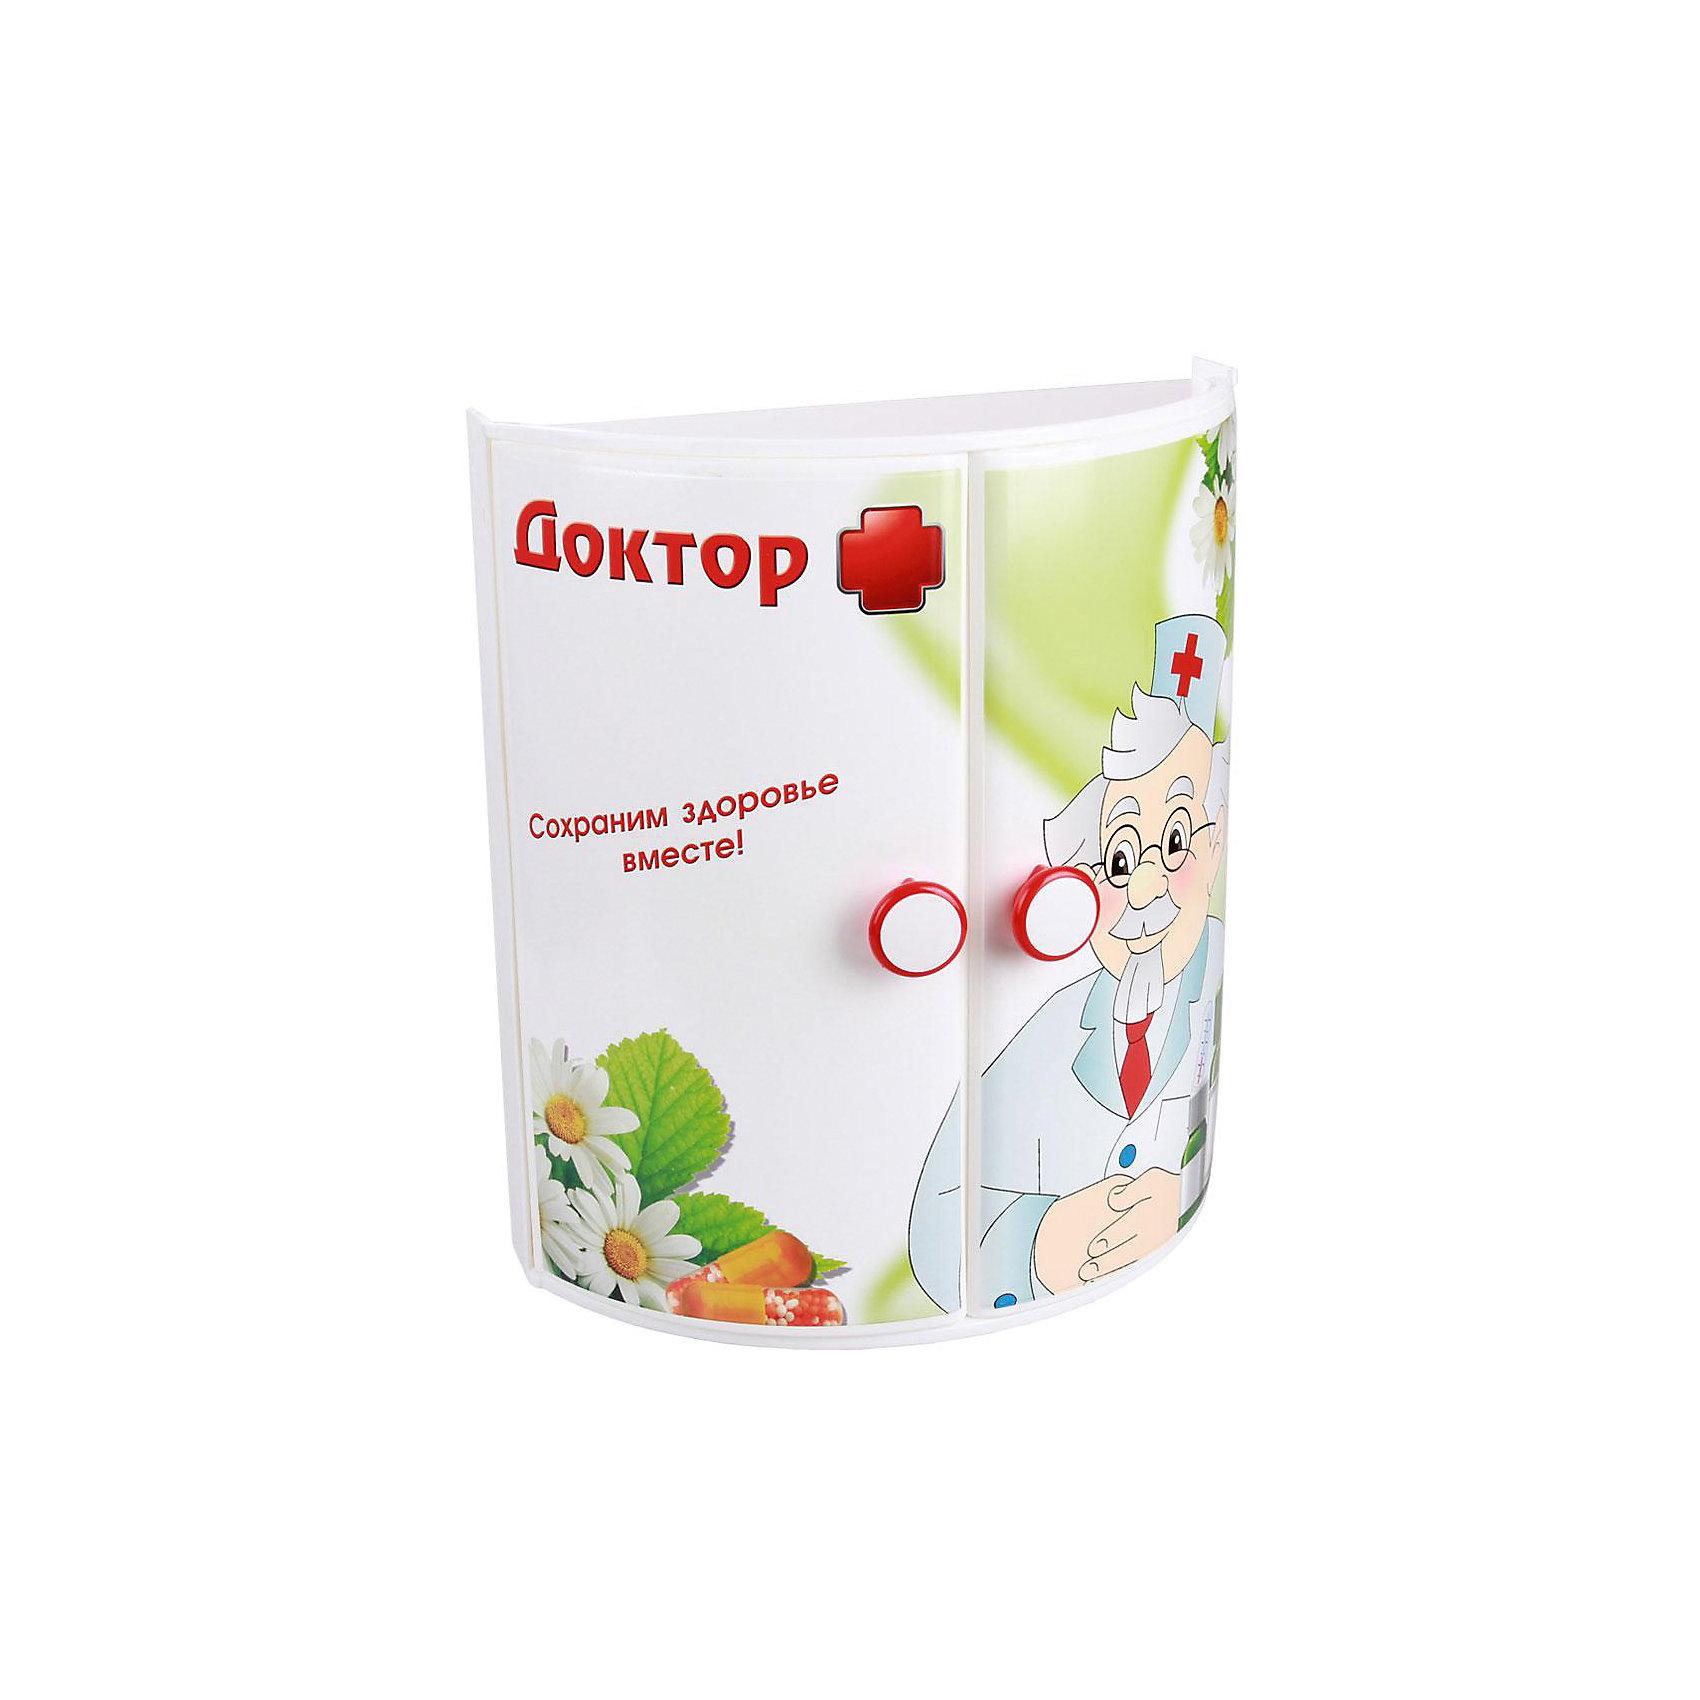 Полка для ванной  Доктор + (прямая), AlternativaВанная комната<br>Характеристики:<br><br>• Предназначение: для ванной<br>• Материал: пластик<br>• Цвет: красный, белый, зеленый<br>• Размер (Д*Ш*В): 32,5*17,5*38,5 см<br>• Форма: прямоугольный<br>• Наличие 3-х полок и дверц<br>• Особенности ухода: разрешается мыть теплой водой<br><br>Полка для ванной Доктор + (прямая), Alternativa изготовлена отечественным производителем ООО ЗПИ Альтернатива, который специализируется на выпуске широкого спектра изделий из пластика. Изделие выполнено из безопасного и прочного пластика, устойчивого к механическим повреждениям. Полка имеет прямоугольныйольную форму, 3 полки и две дверцы. Дверцы оформлены ярким рисунком медицинской тематики. Полка для ванной Доктор + (прямая), Alternativa может не только обеспечить порядок на кухне, но и стать ярким предметом в детской комнате. <br><br>Полку для ванной Доктор + (прямая), Alternativa можно купить в нашем интернет-магазине.<br><br>Ширина мм: 330<br>Глубина мм: 170<br>Высота мм: 380<br>Вес г: 1135<br>Возраст от месяцев: 6<br>Возраст до месяцев: 588<br>Пол: Унисекс<br>Возраст: Детский<br>SKU: 5096667